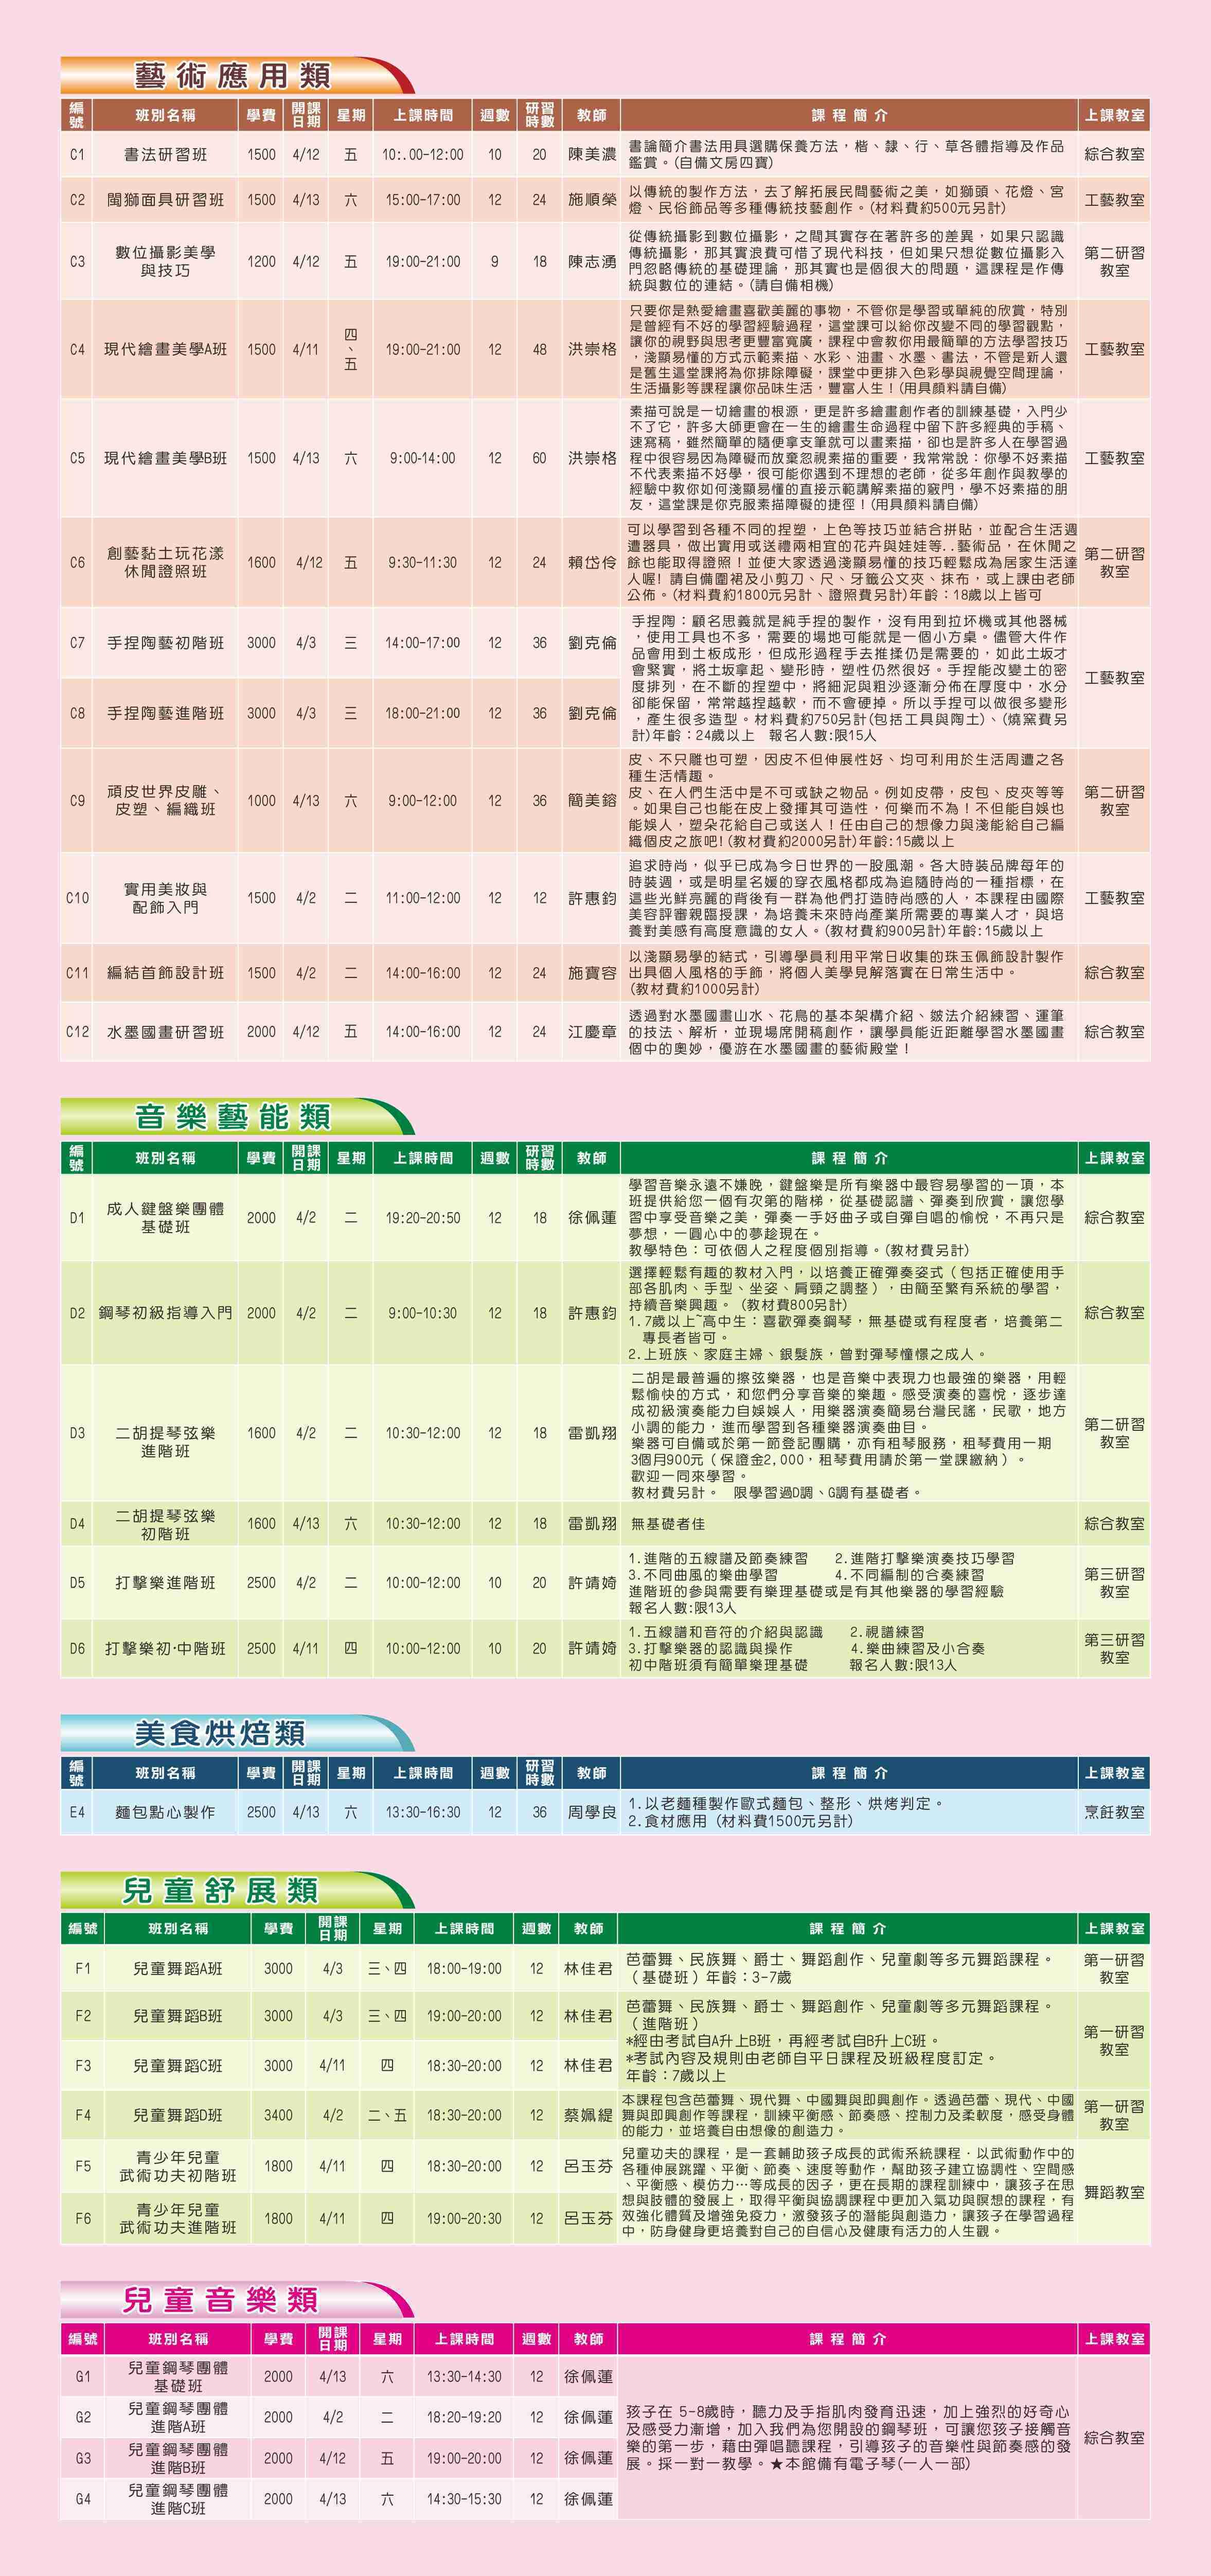 108年第二季研習簡章-彩色2019-2-23B.jpg